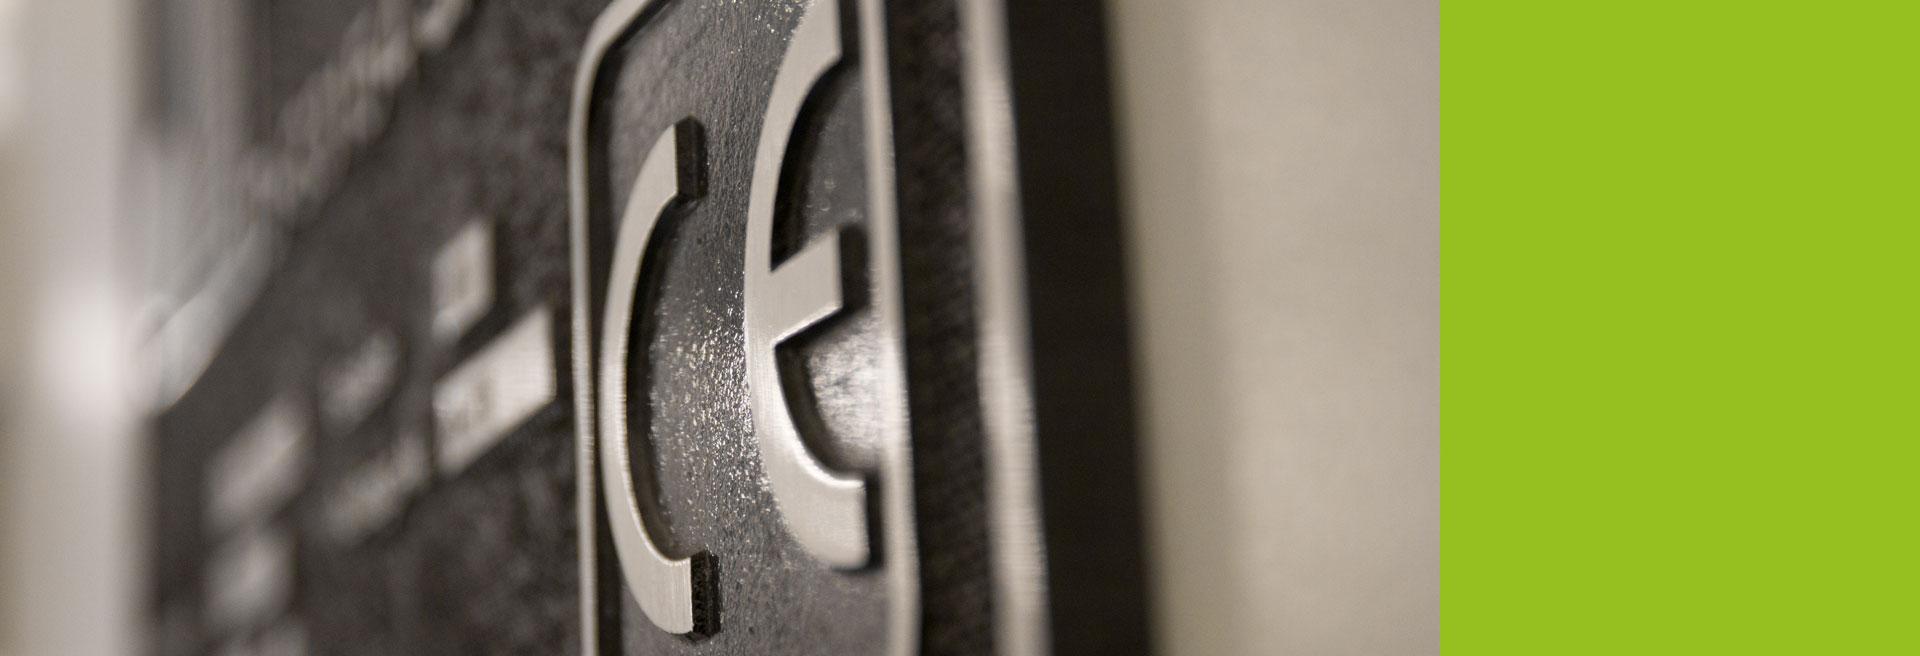 CE-Kennzeichnung CE-Zertifizierung